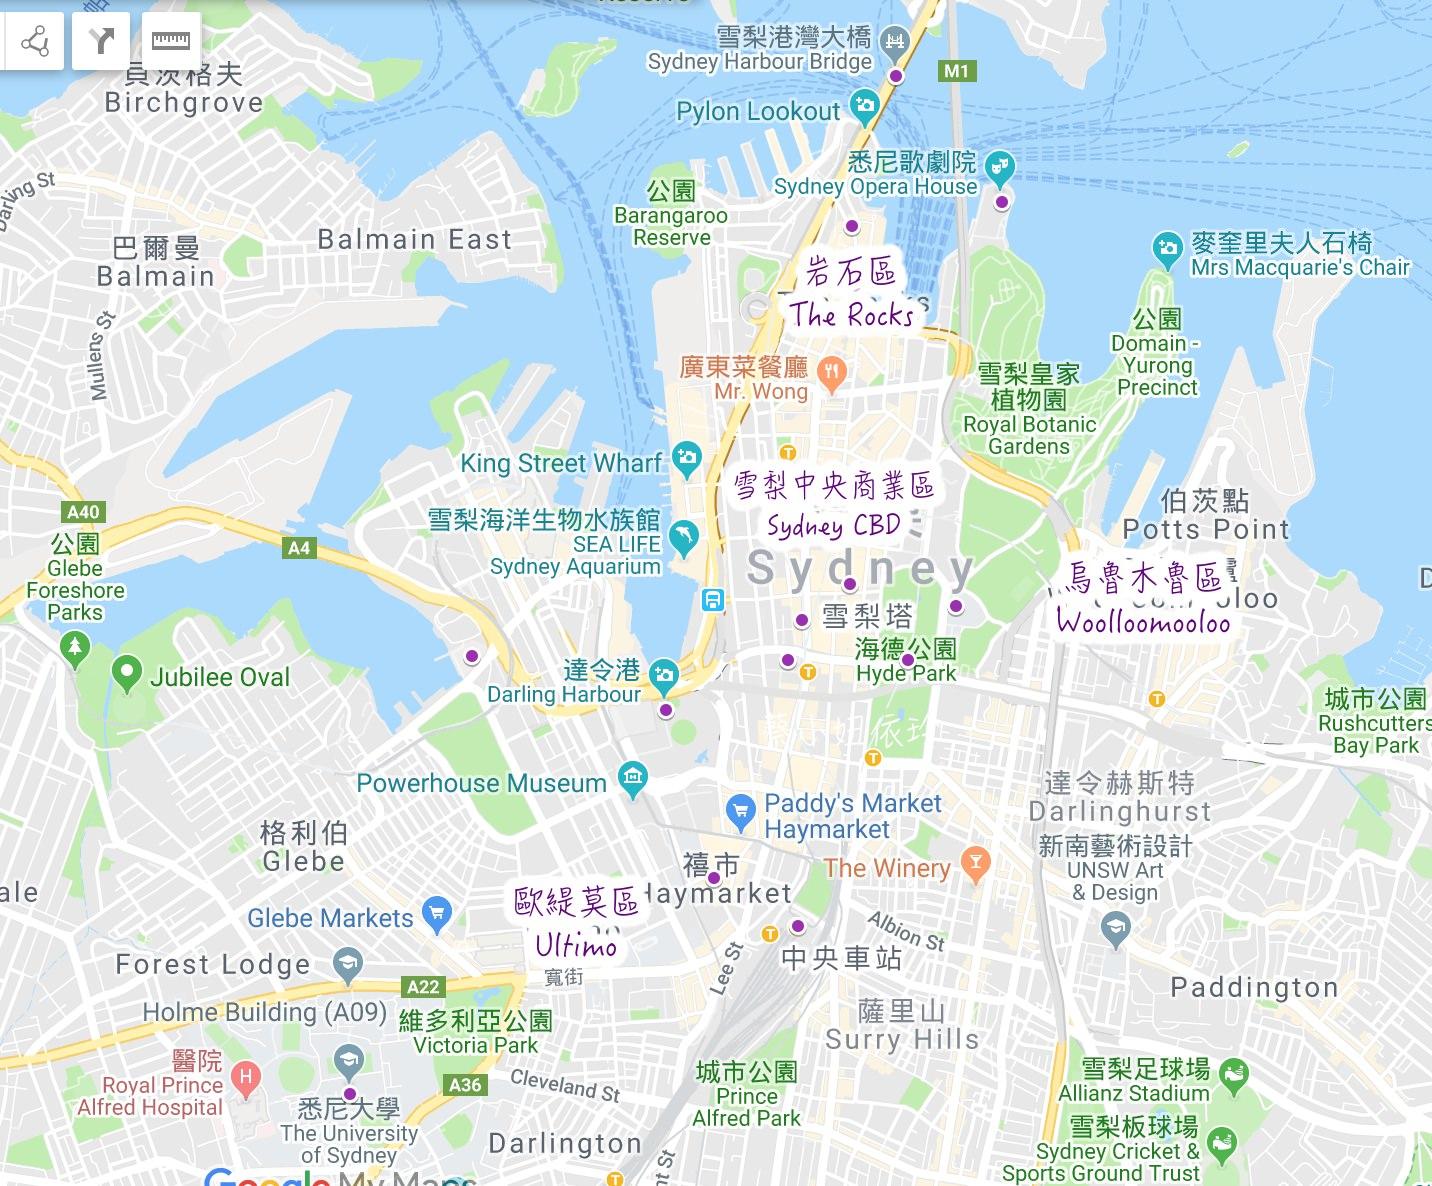 澳洲雪梨住宿推薦 雪梨住宿區域挑選 精選雪梨飯店總整理